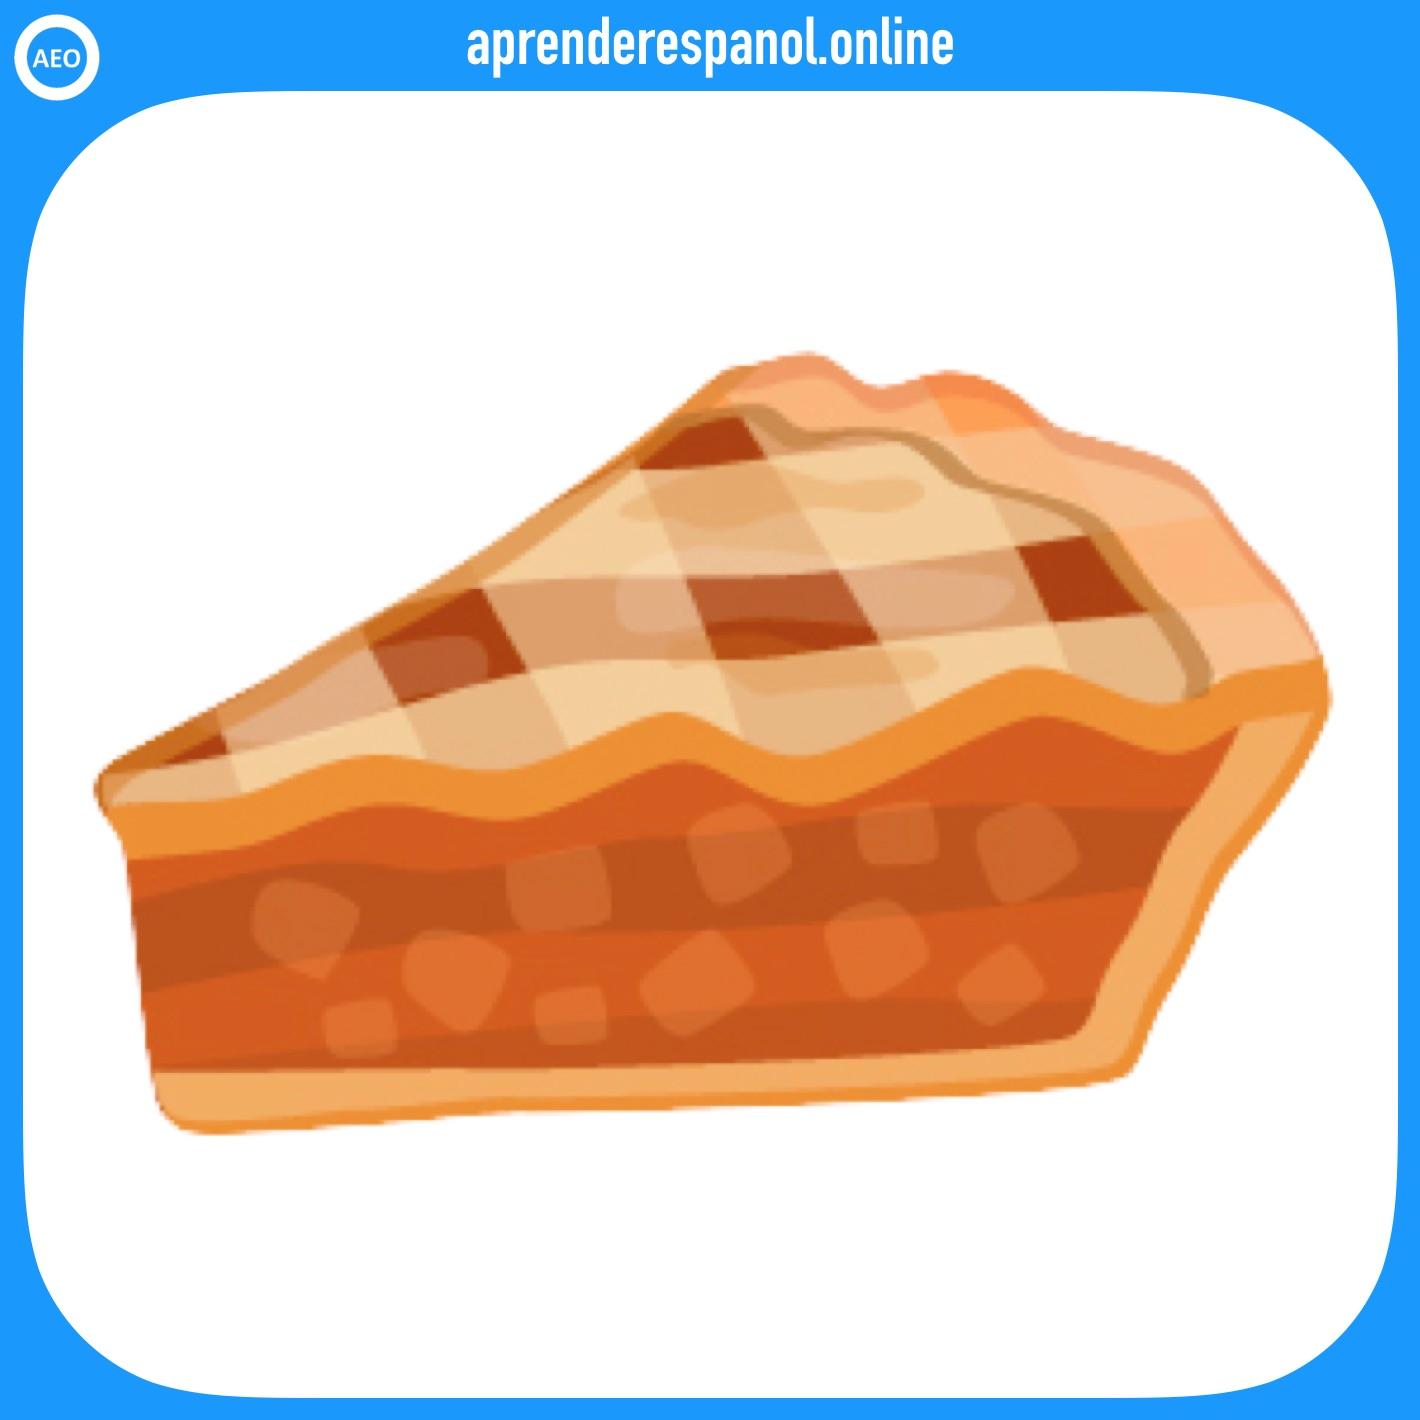 tarta de manzana   postres y dulces en español   vocabulario de los postres en español